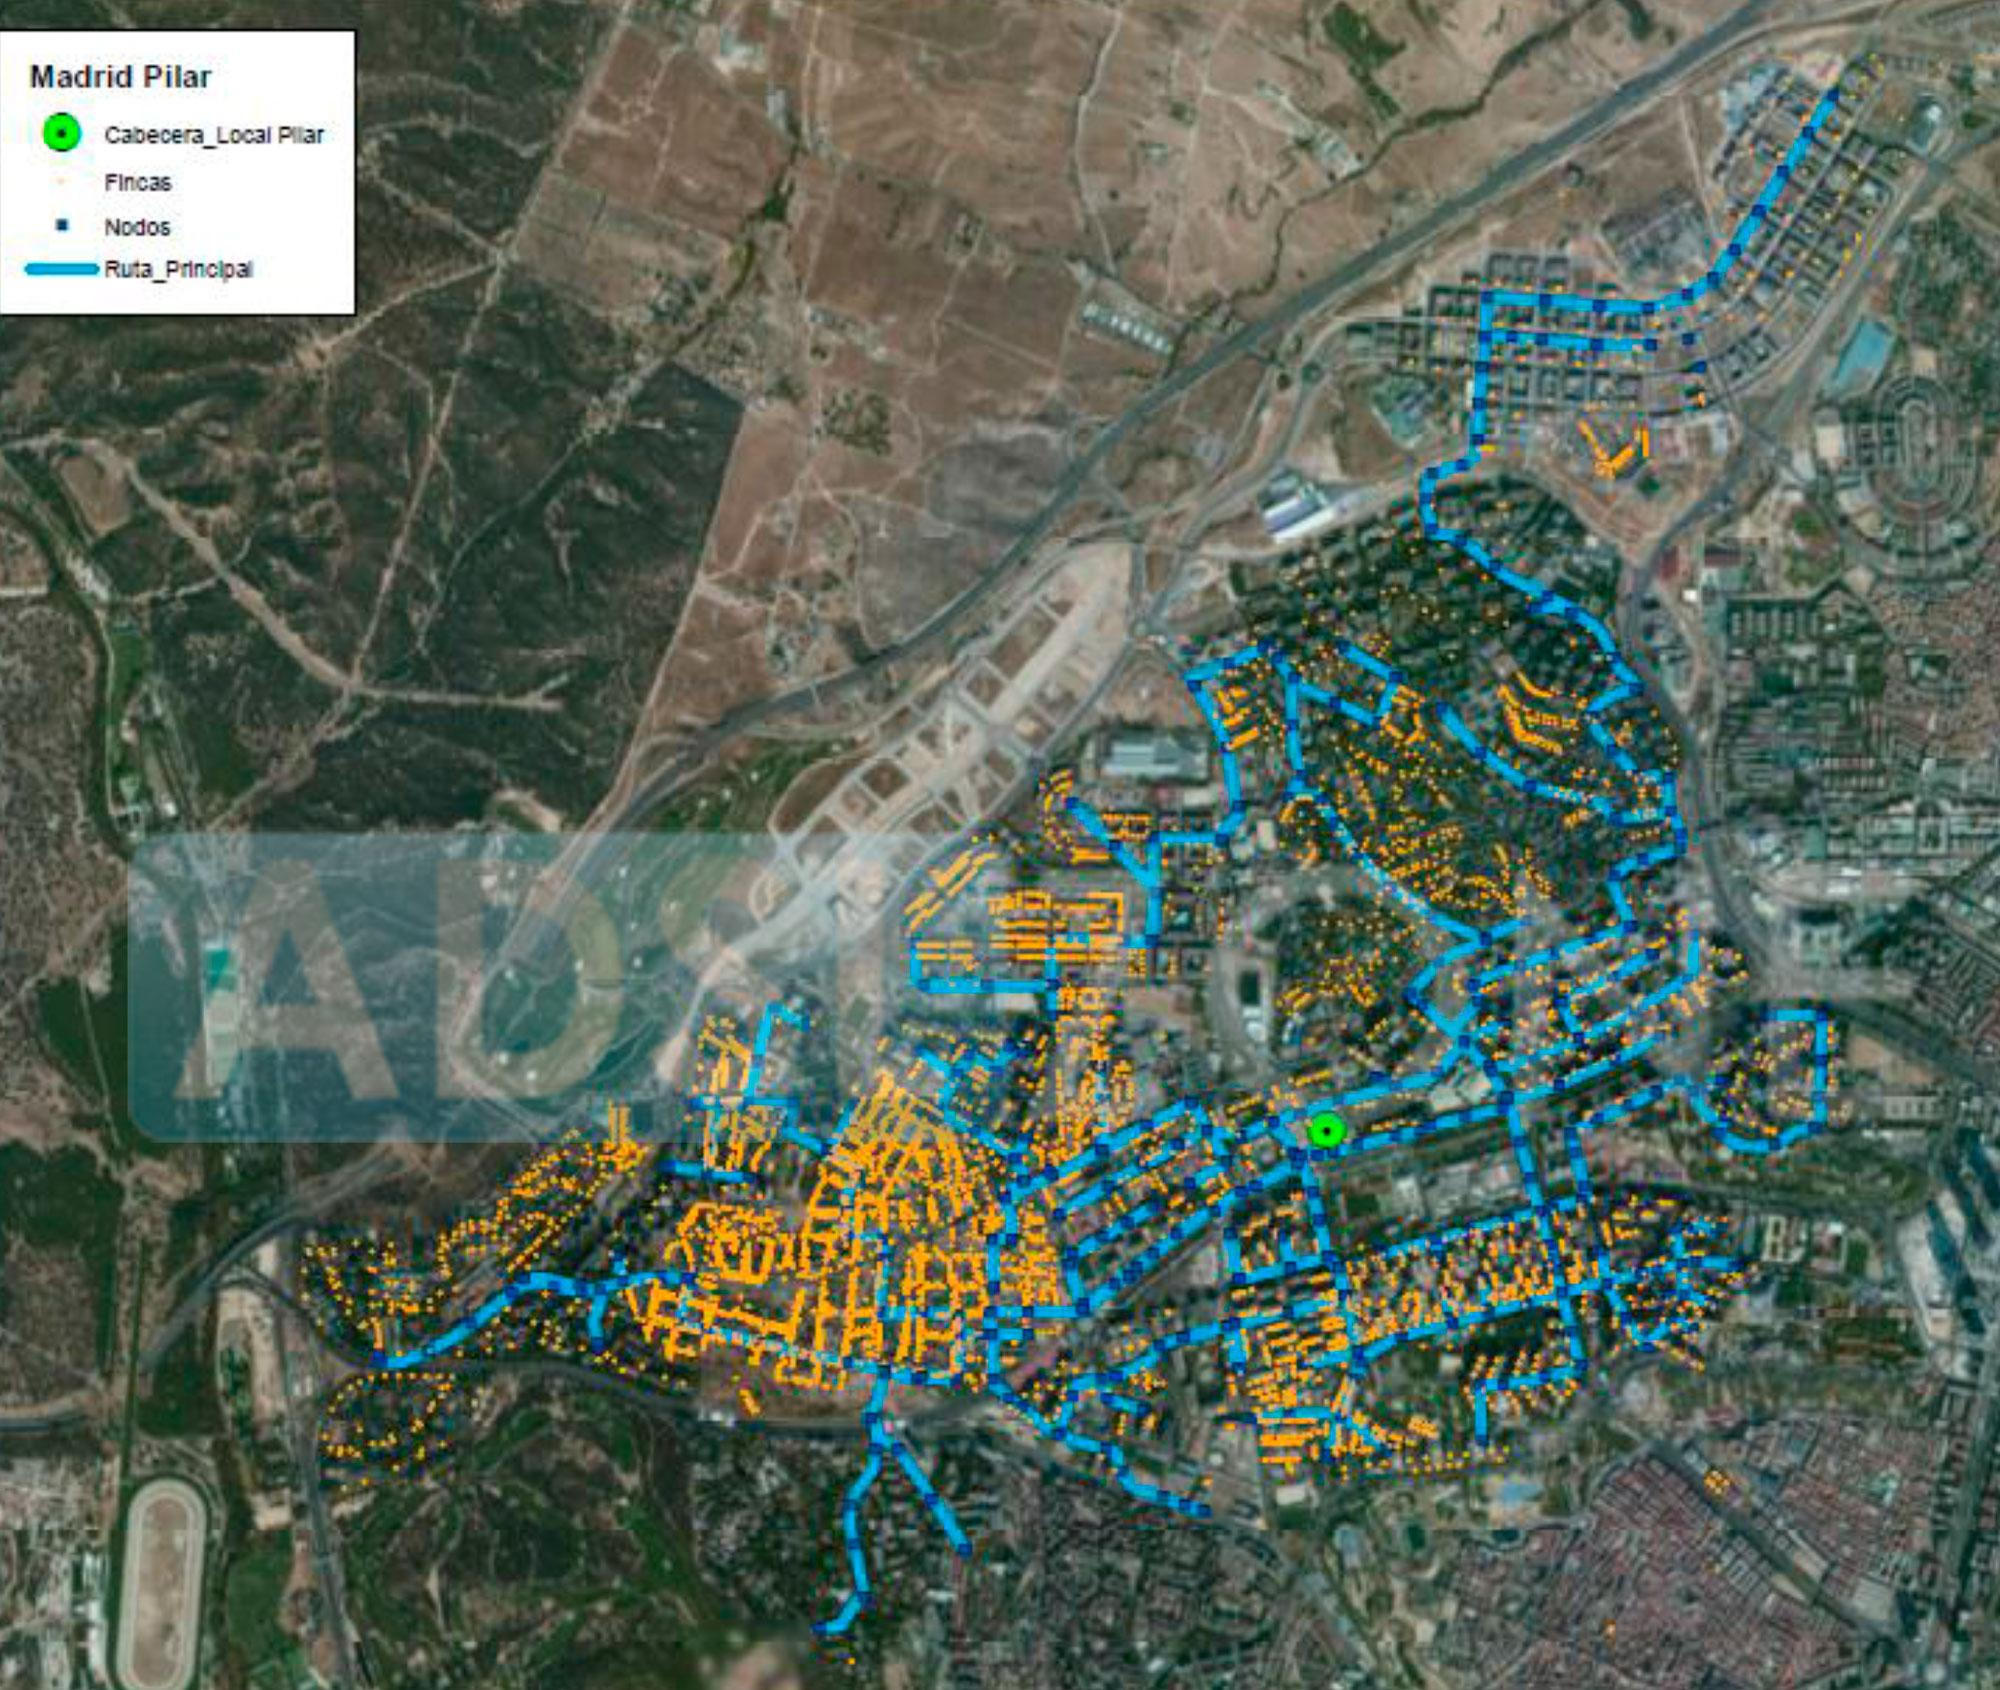 Mapa de cobertura de fibra ptica de m sm vil por ciudades for Fibra optica en benicasim